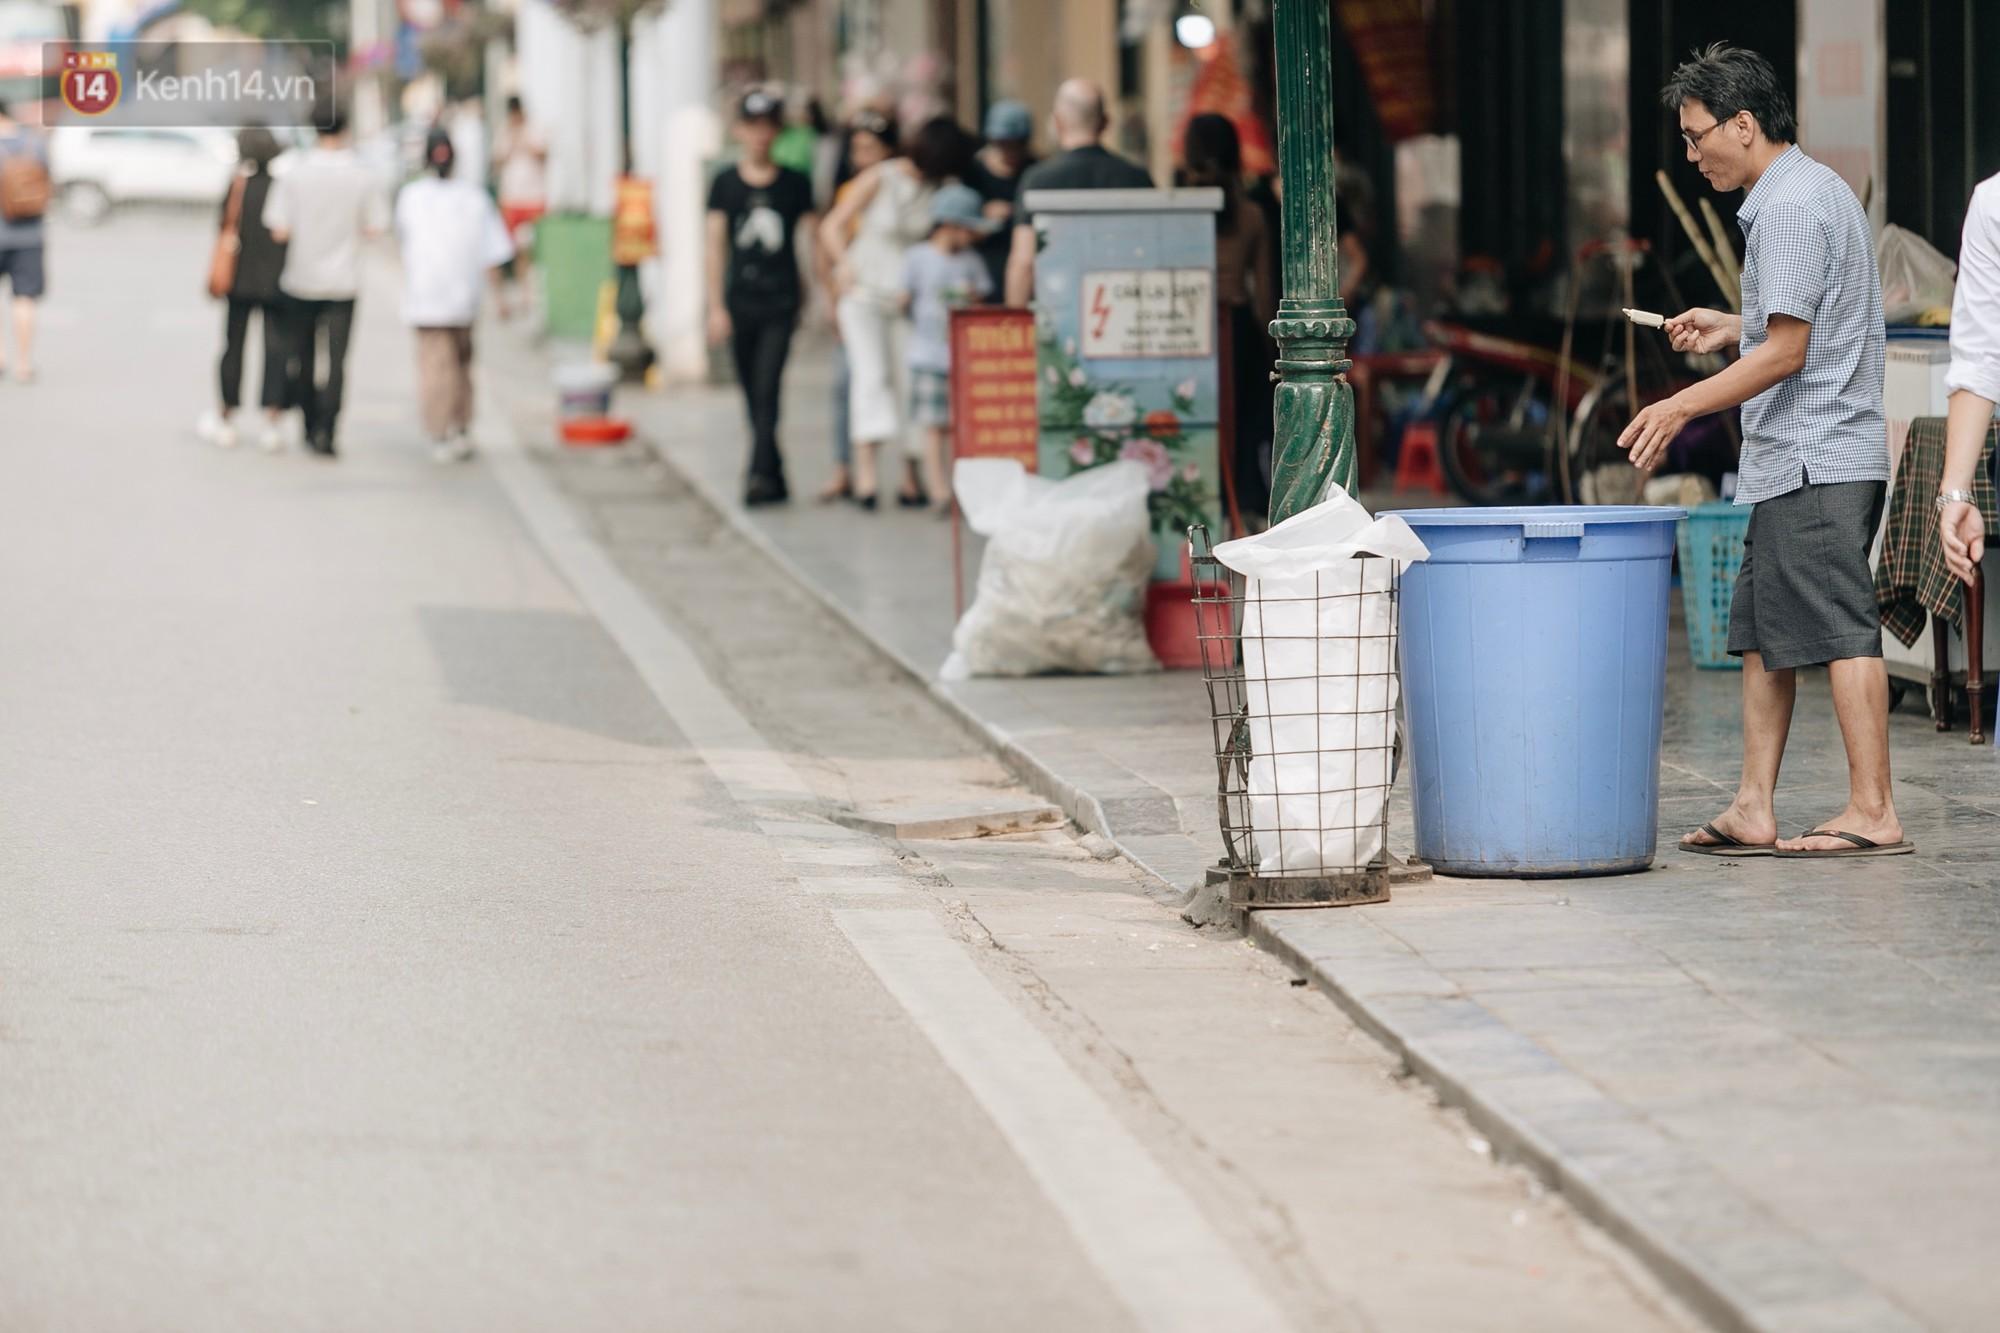 Phố đi bộ Hồ Gươm đẹp đẽ, sạch bong sau khi treo biển sẽ ghi hình, xử phạt 7 triệu đồng nếu vứt rác bừa bãi - Ảnh 6.